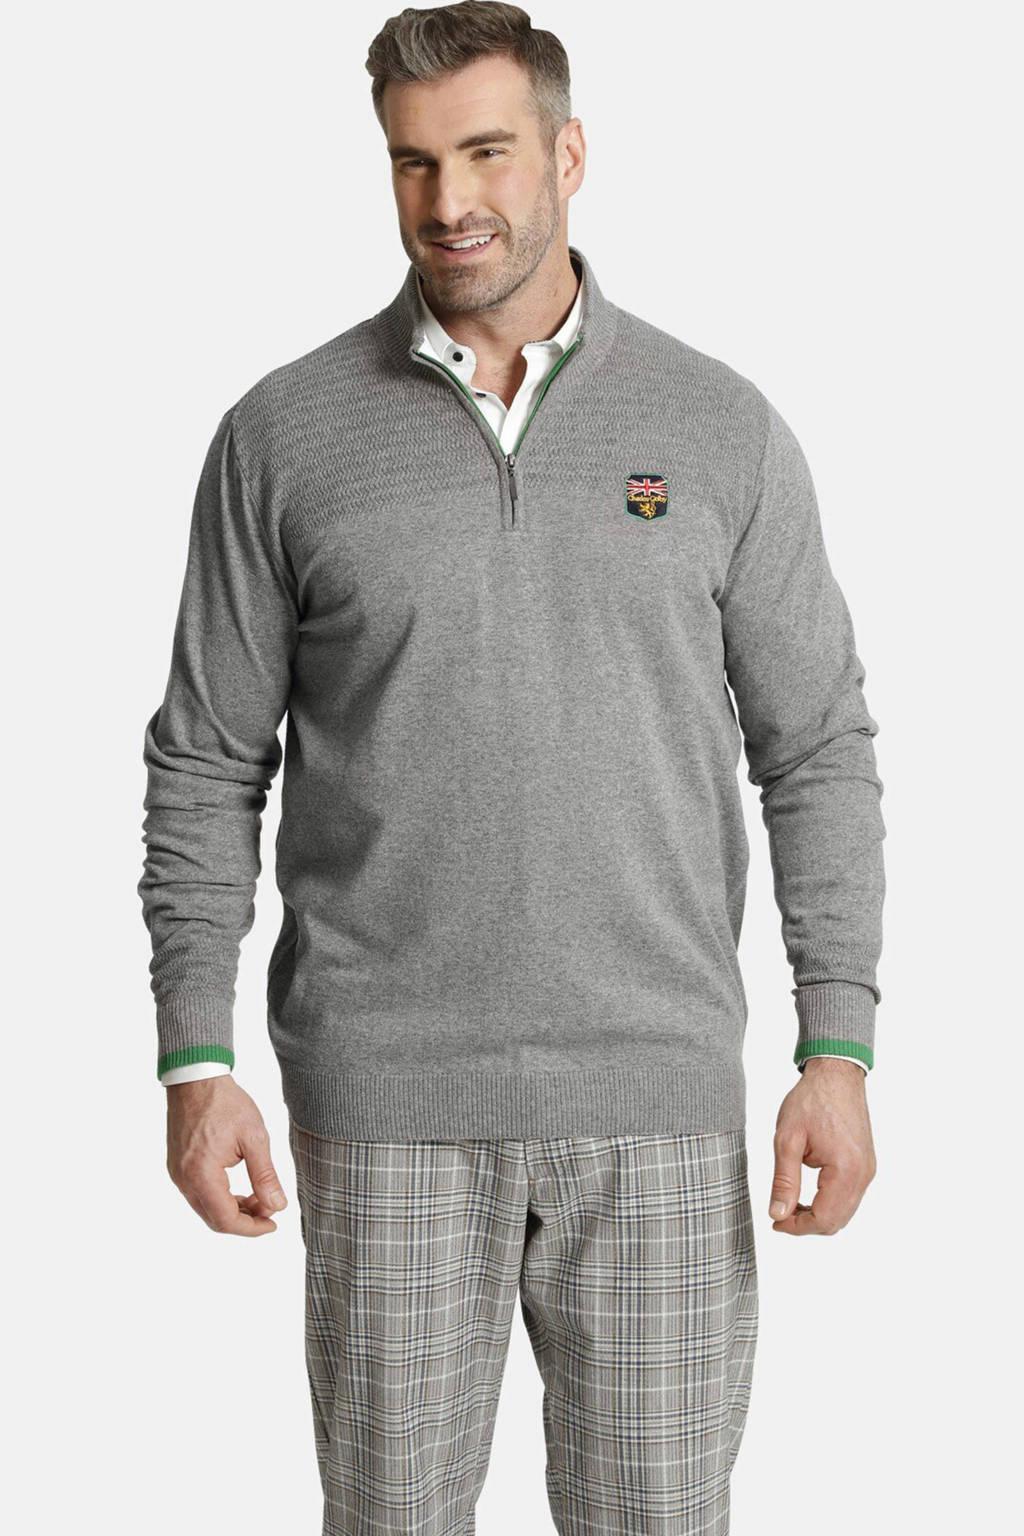 Charles Colby trui Plus Size met logo grijs, Grijs